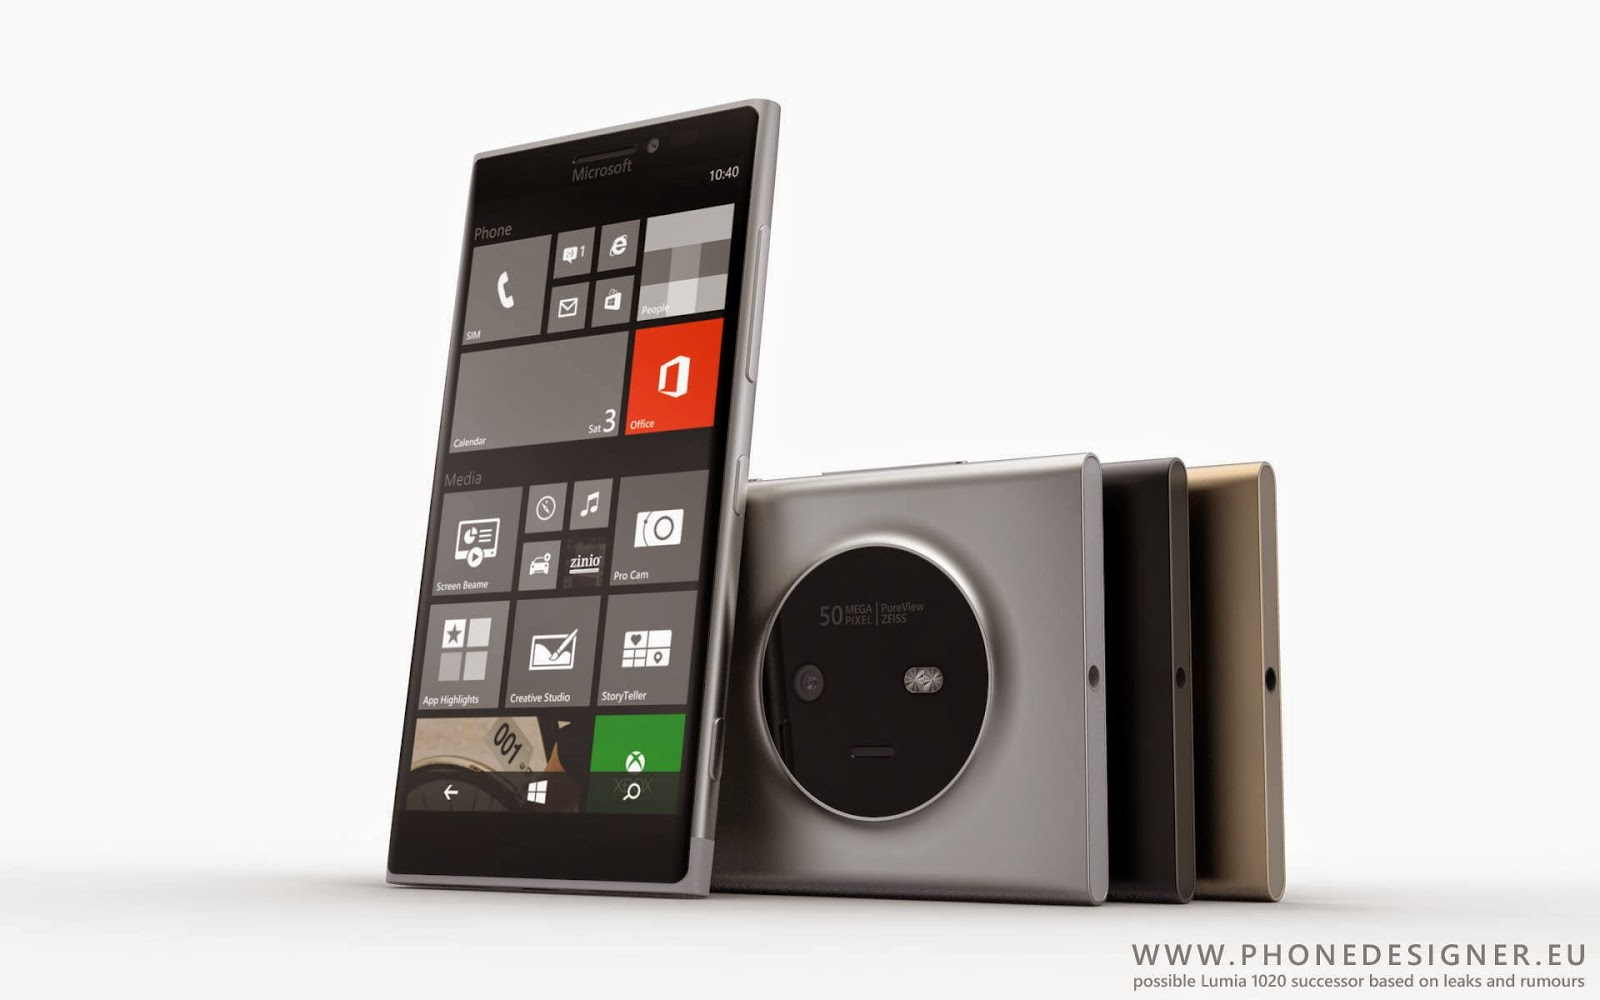 Камерофон Lumia 1030. Концепт Йонаса Данерта